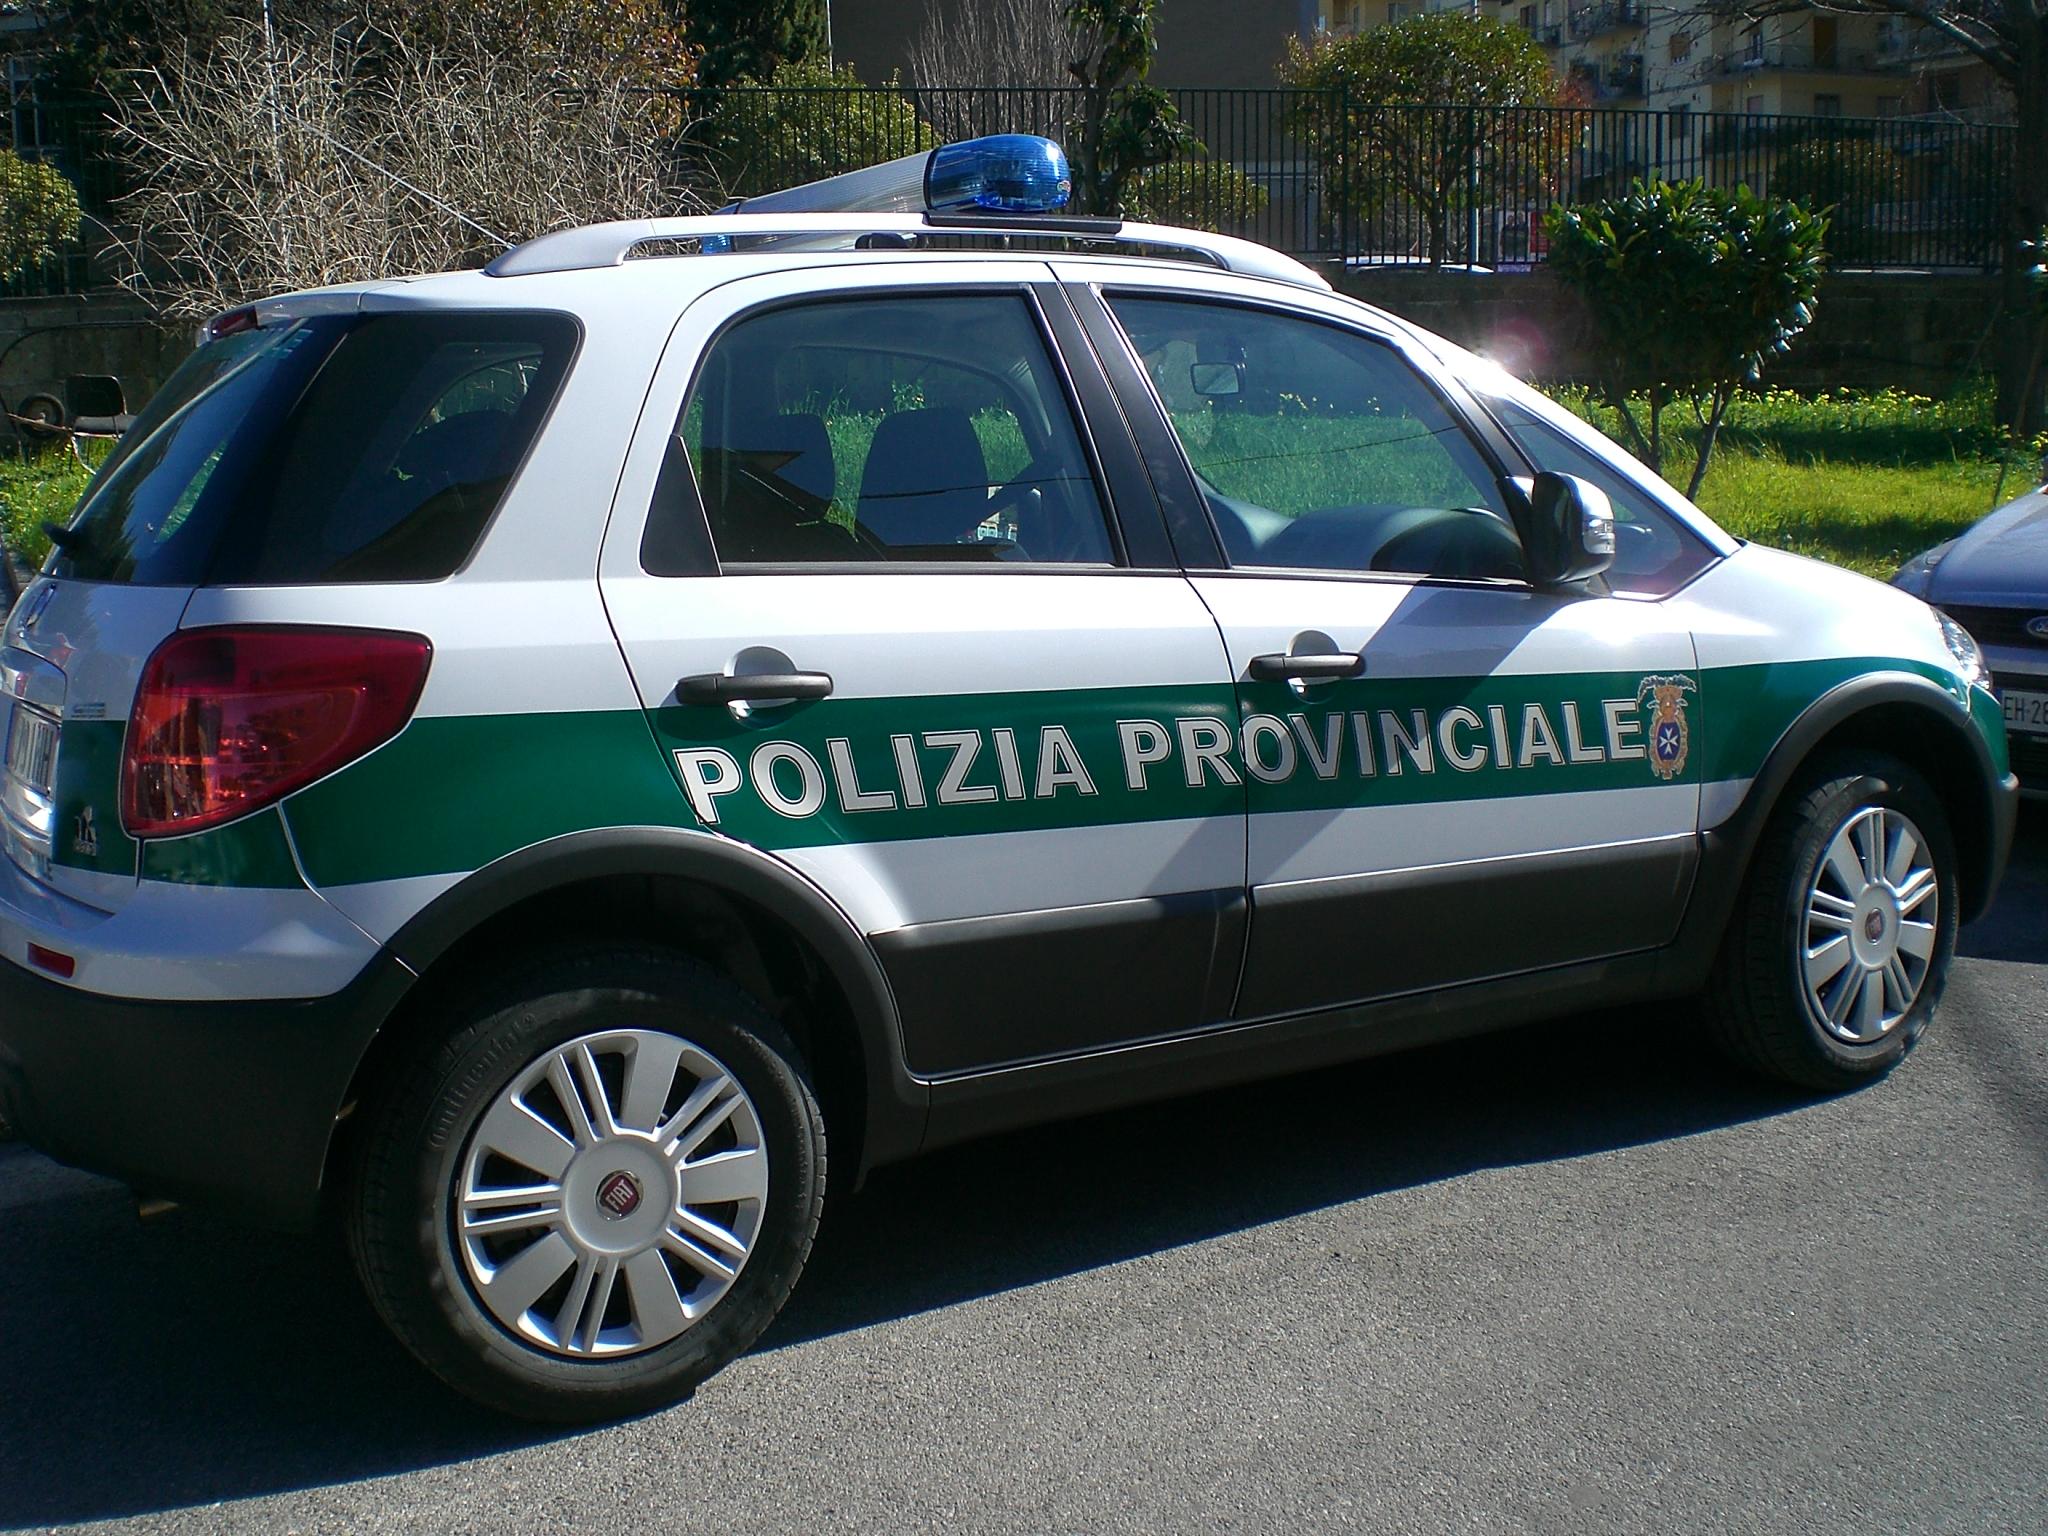 Polizia Provinciale. Interrogazione del Gruppo PD per salvaguardarne le funzionalità